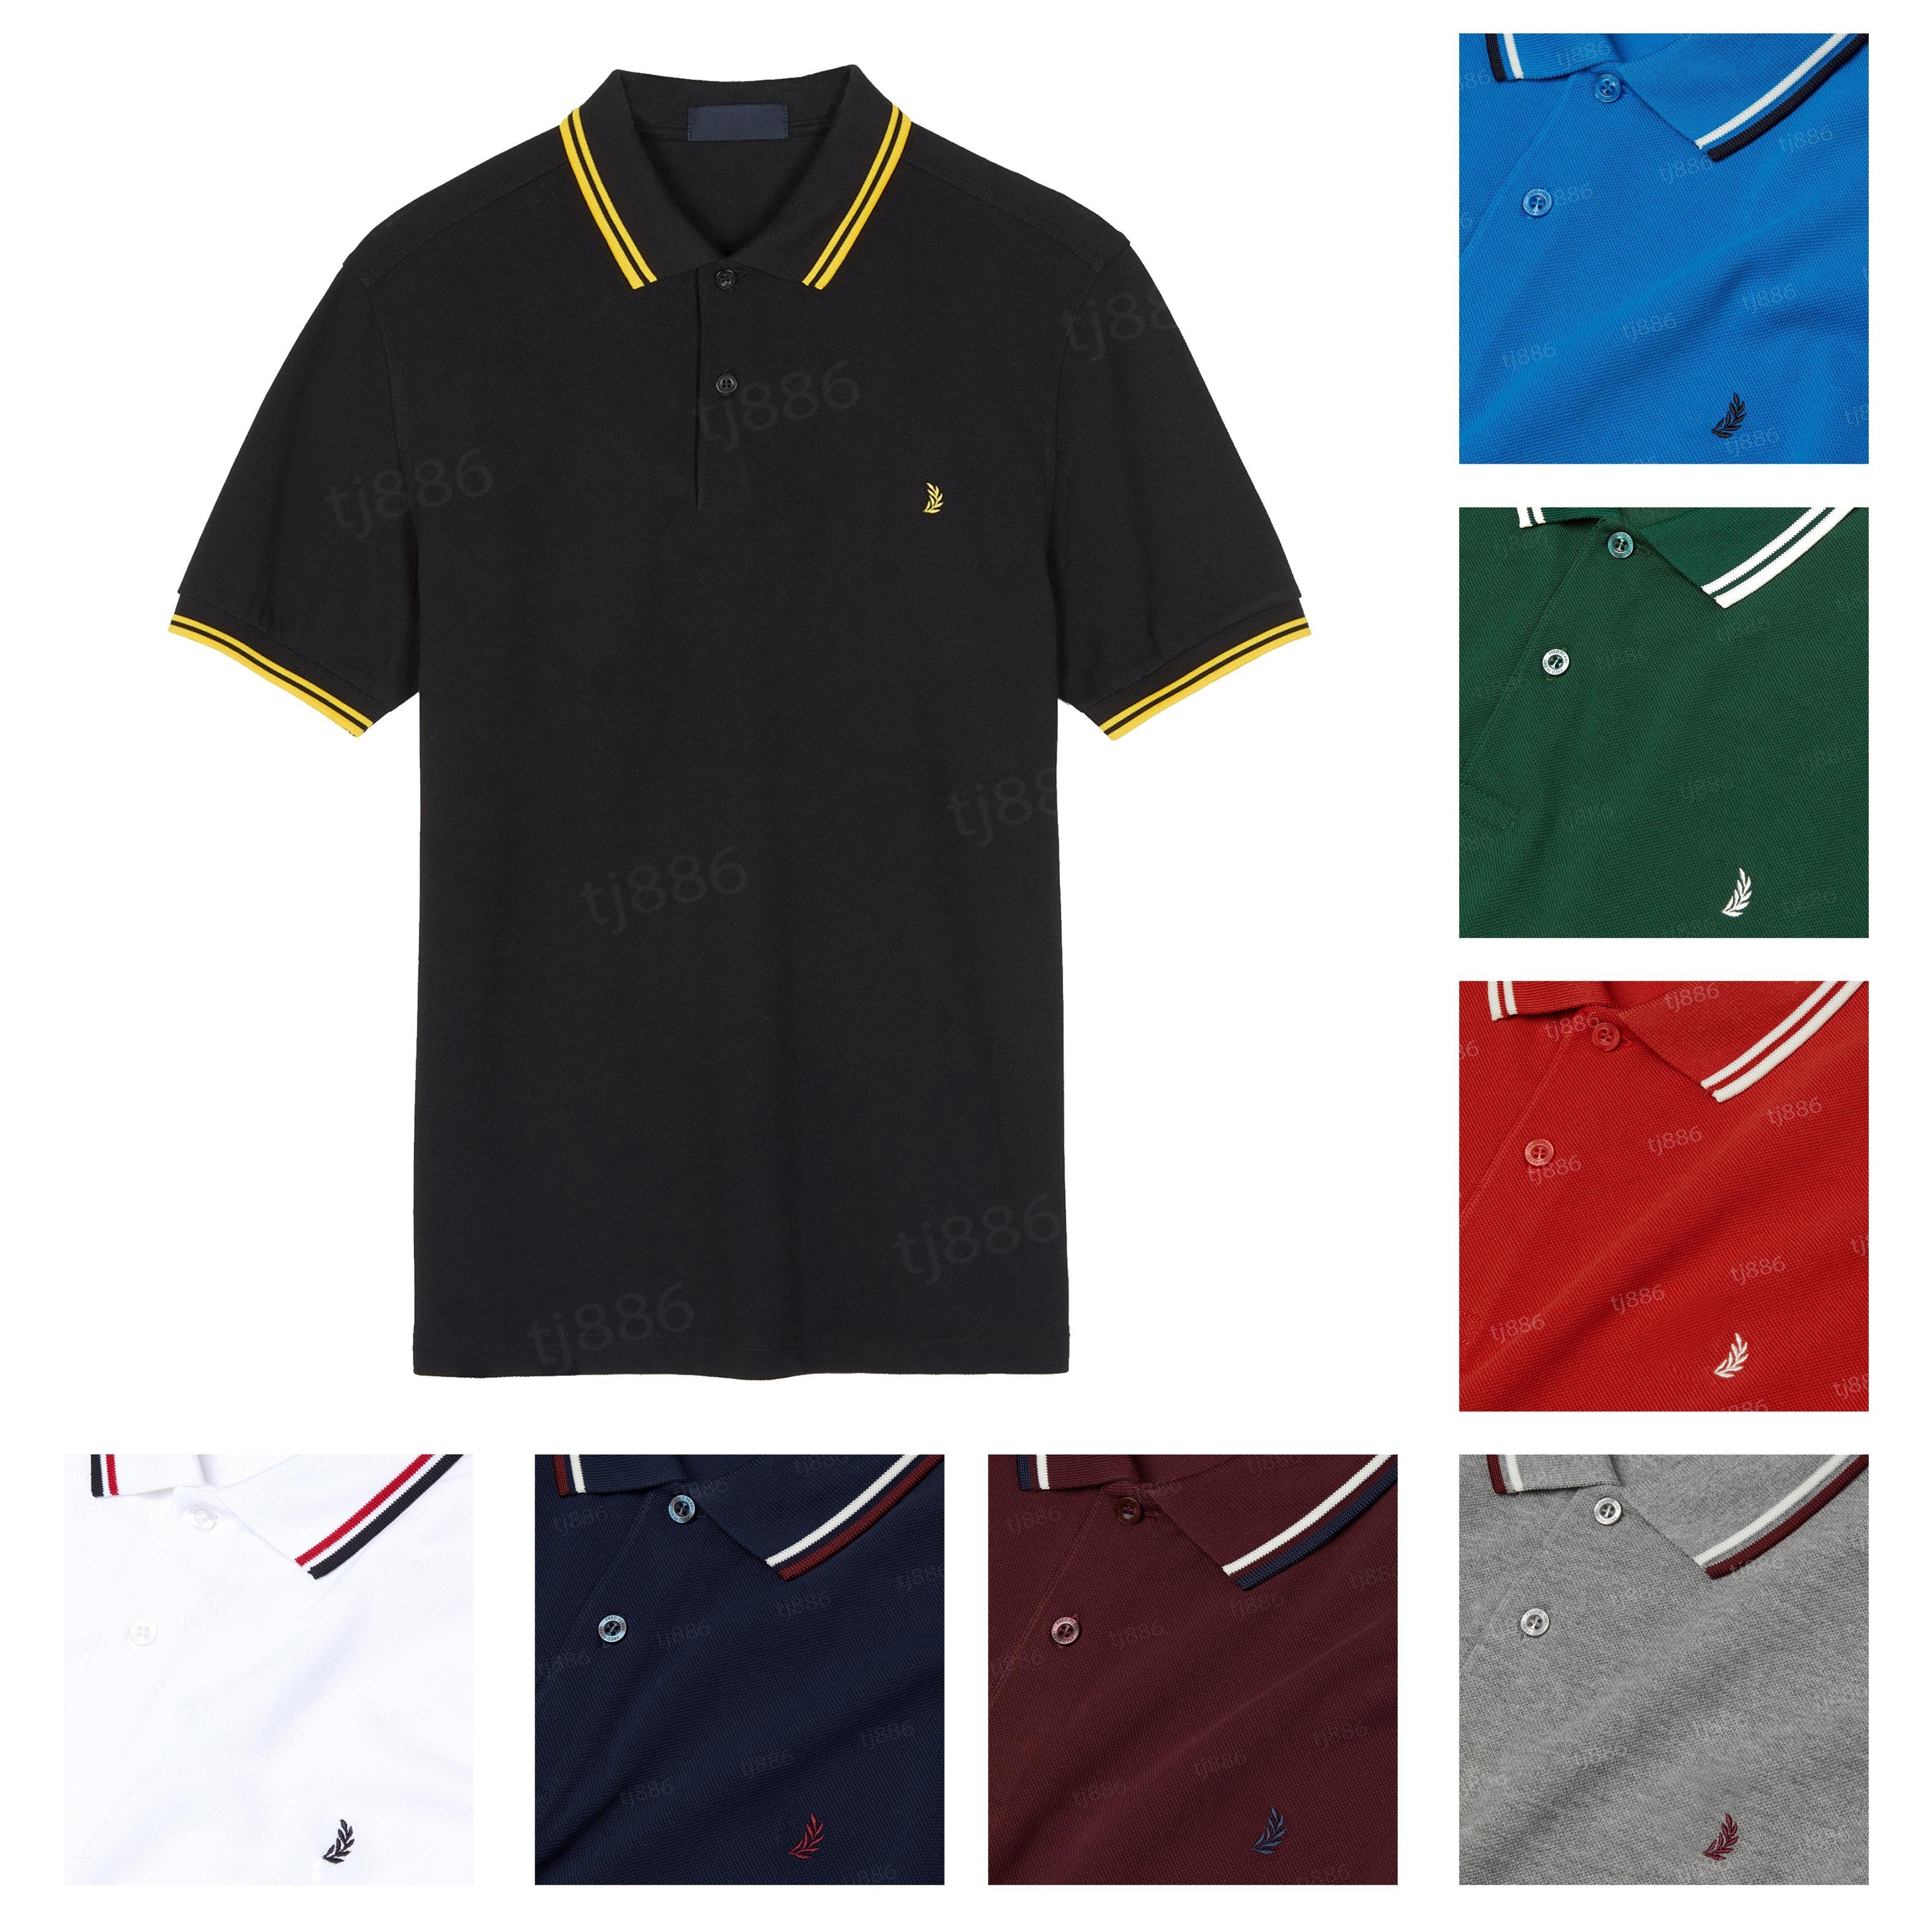 Mulheres dos homens de luxo camisetas polo camisa de alta qualidade bordado clássico casual homme mangas curtas homens algodão confortável tendência verão